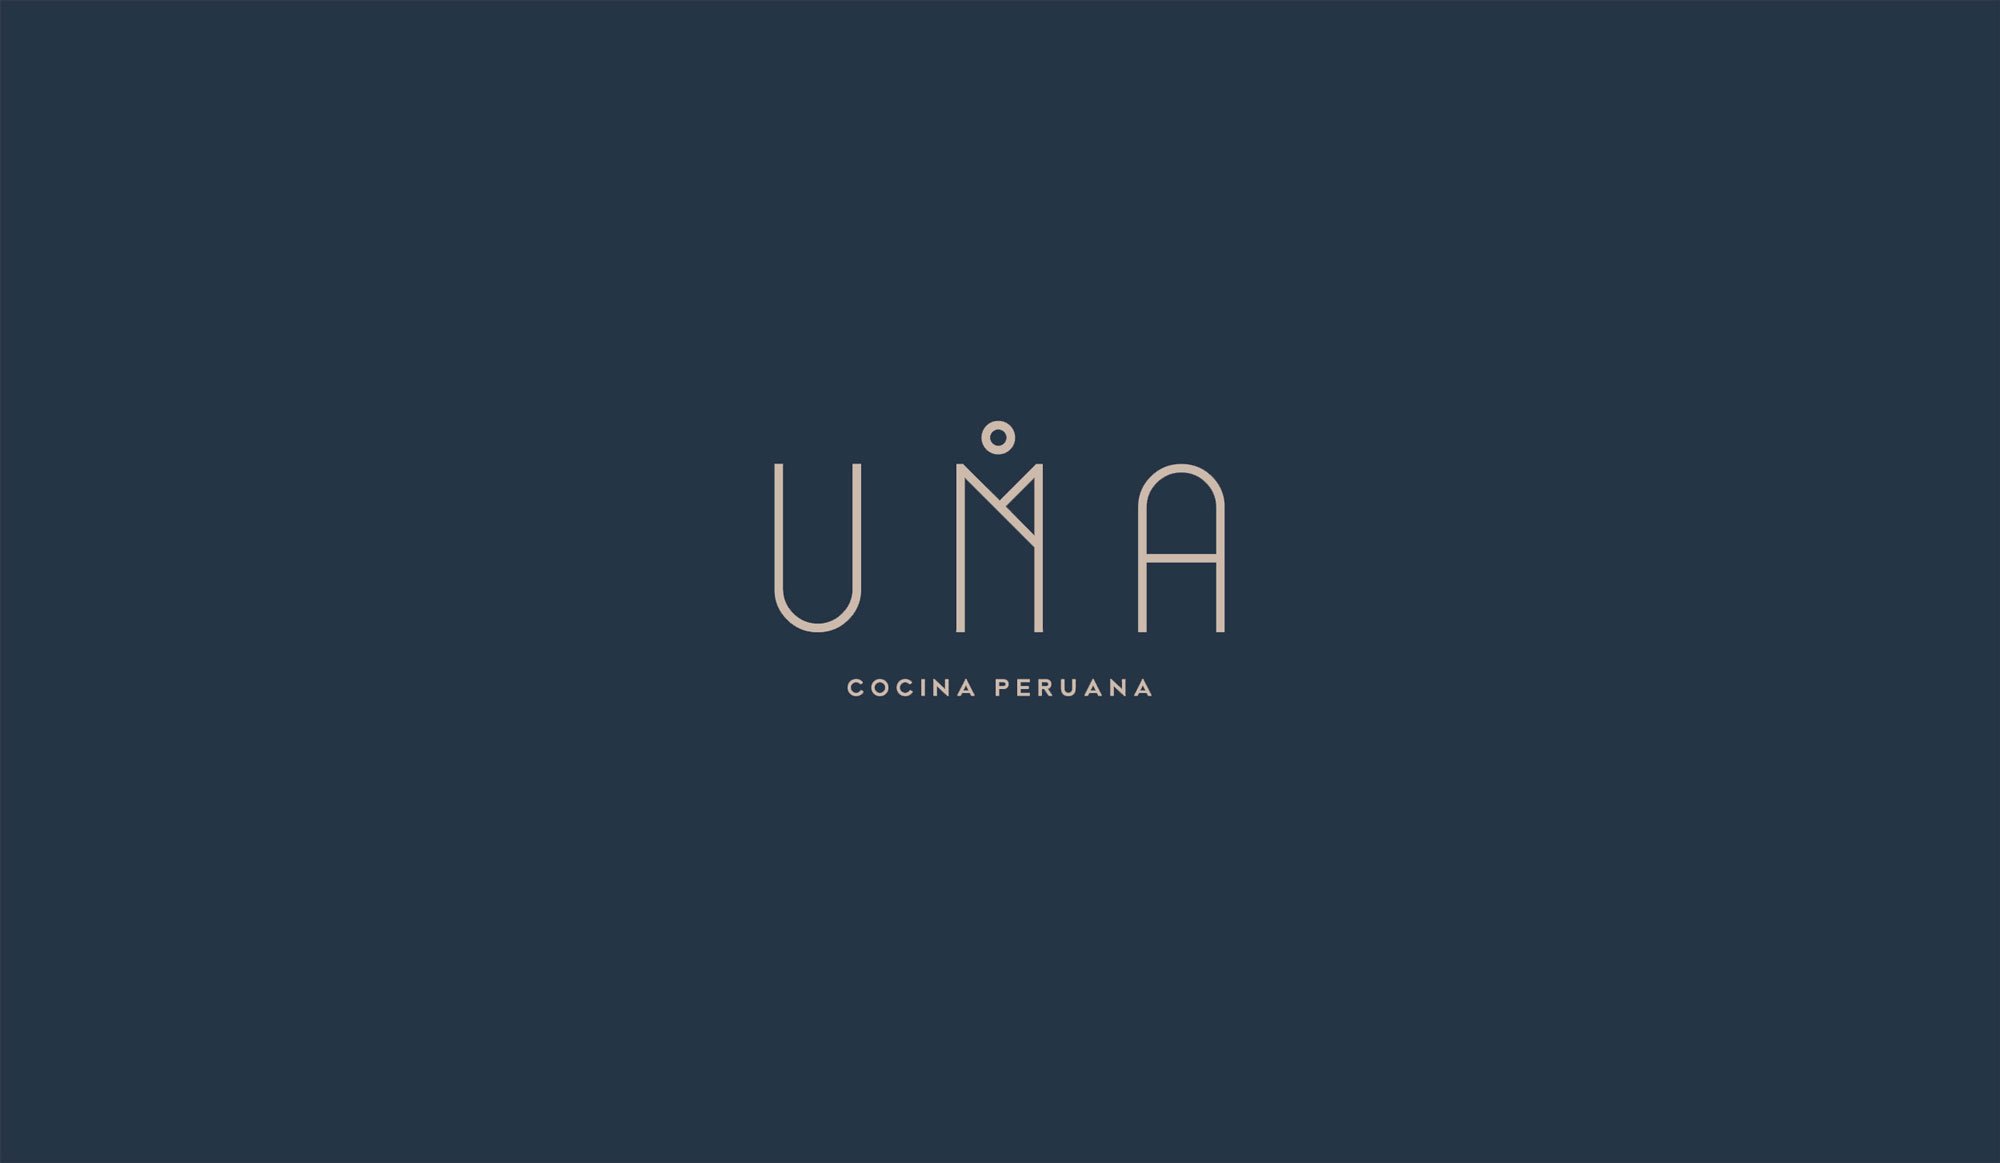 LOGO-UMA-CANTINA-PERUANA-MI-AMIGO-KRUGER